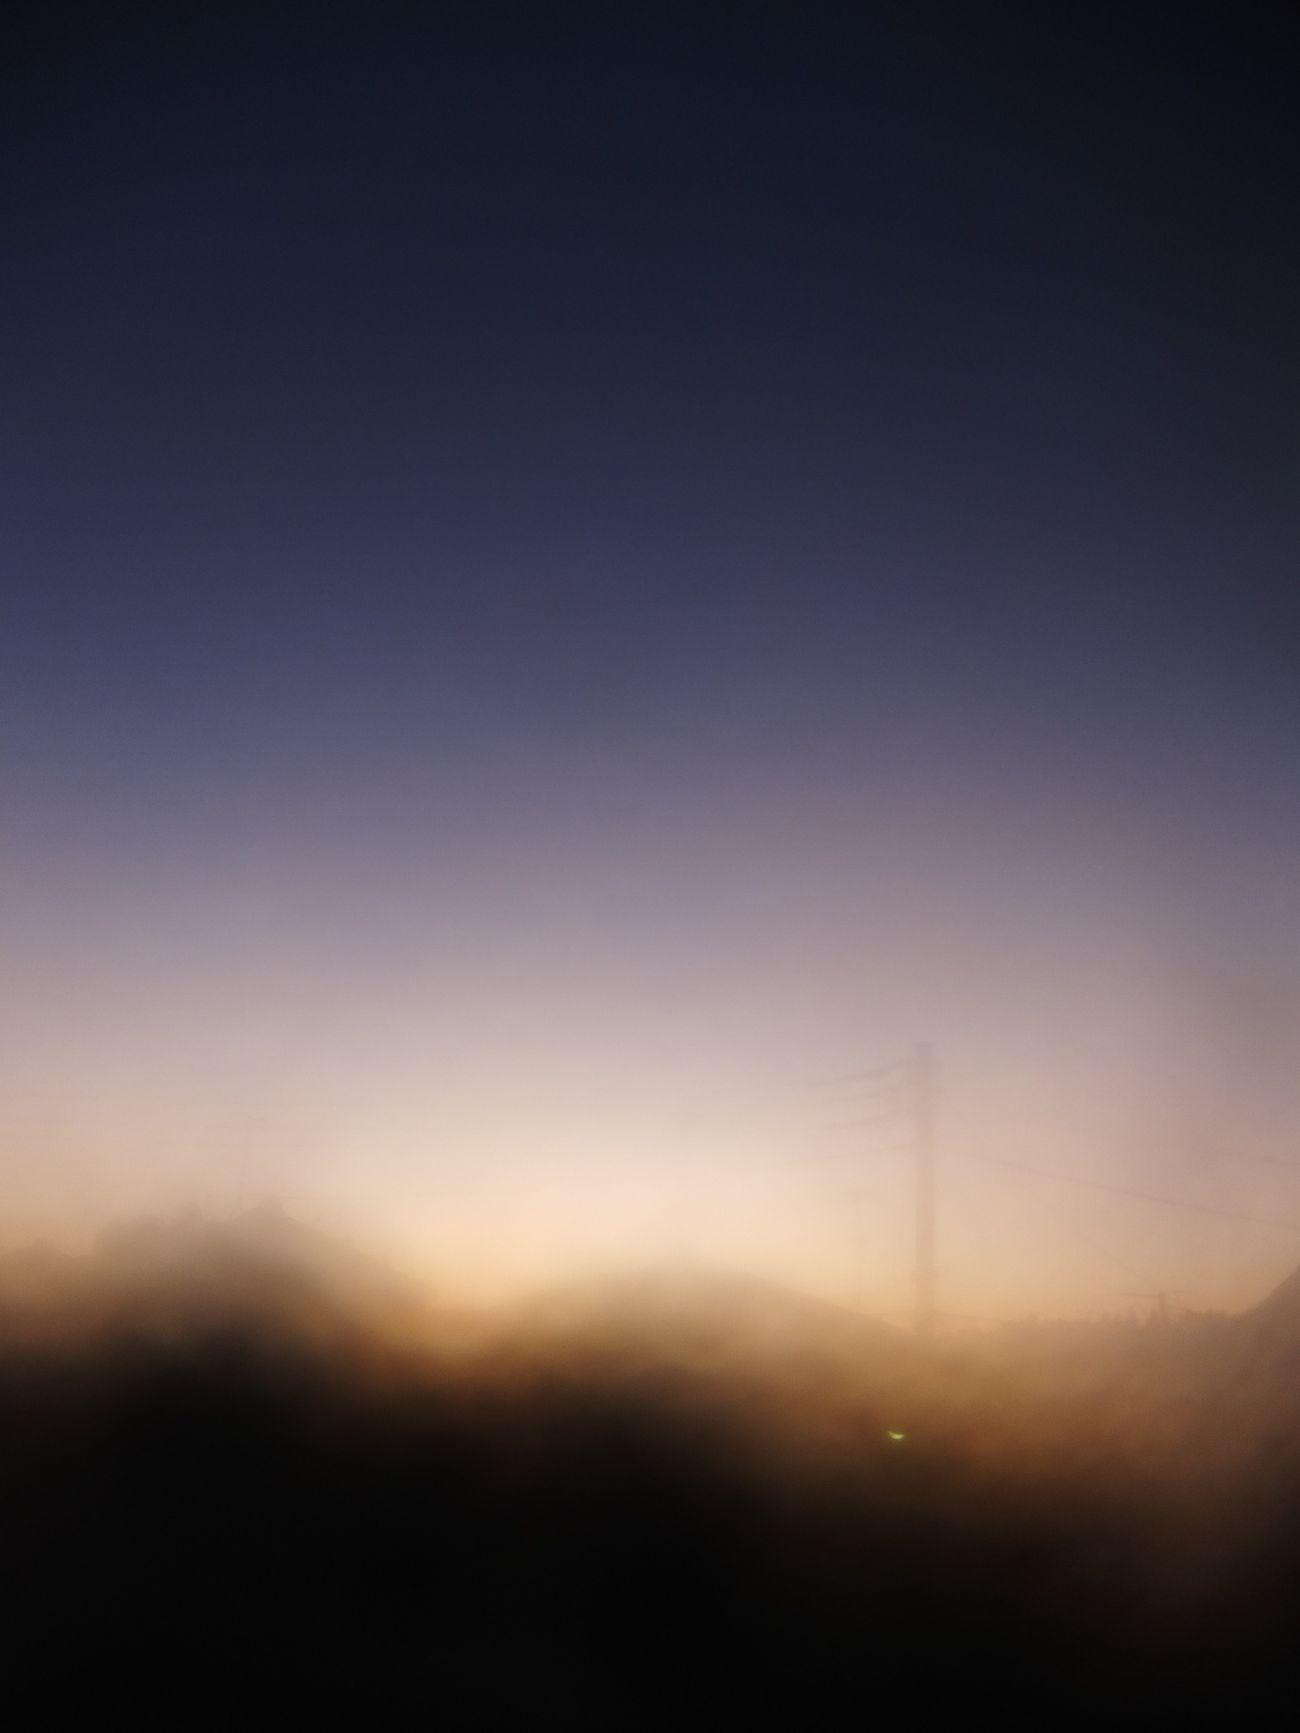 おはようございます(^∇^)この冬一番の冷え込みかな。 Dew Condensation Morning